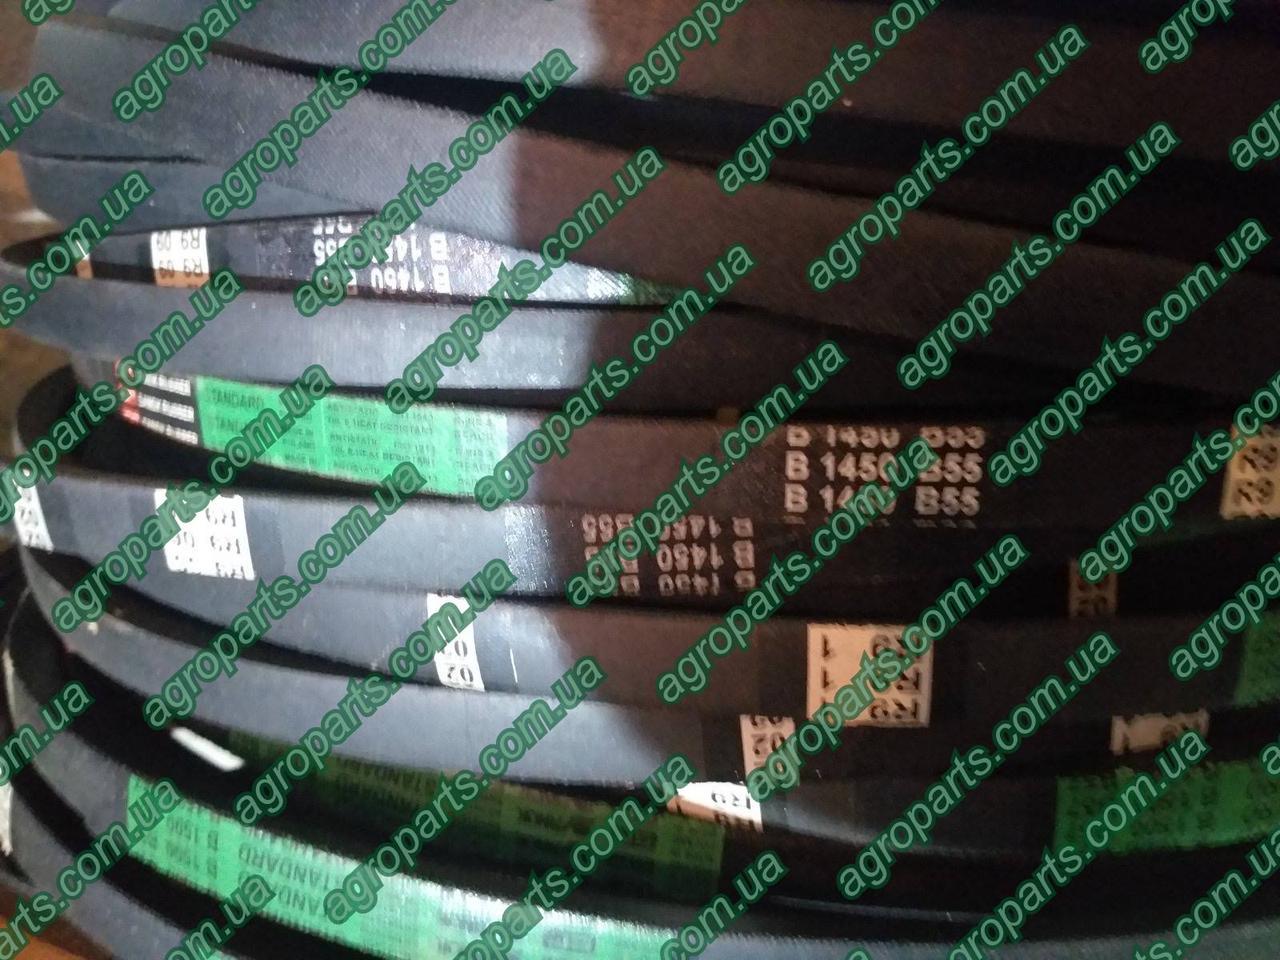 Ремень B 1450 standart Sanok Rubber В1450 оптом и в розницу Б1450